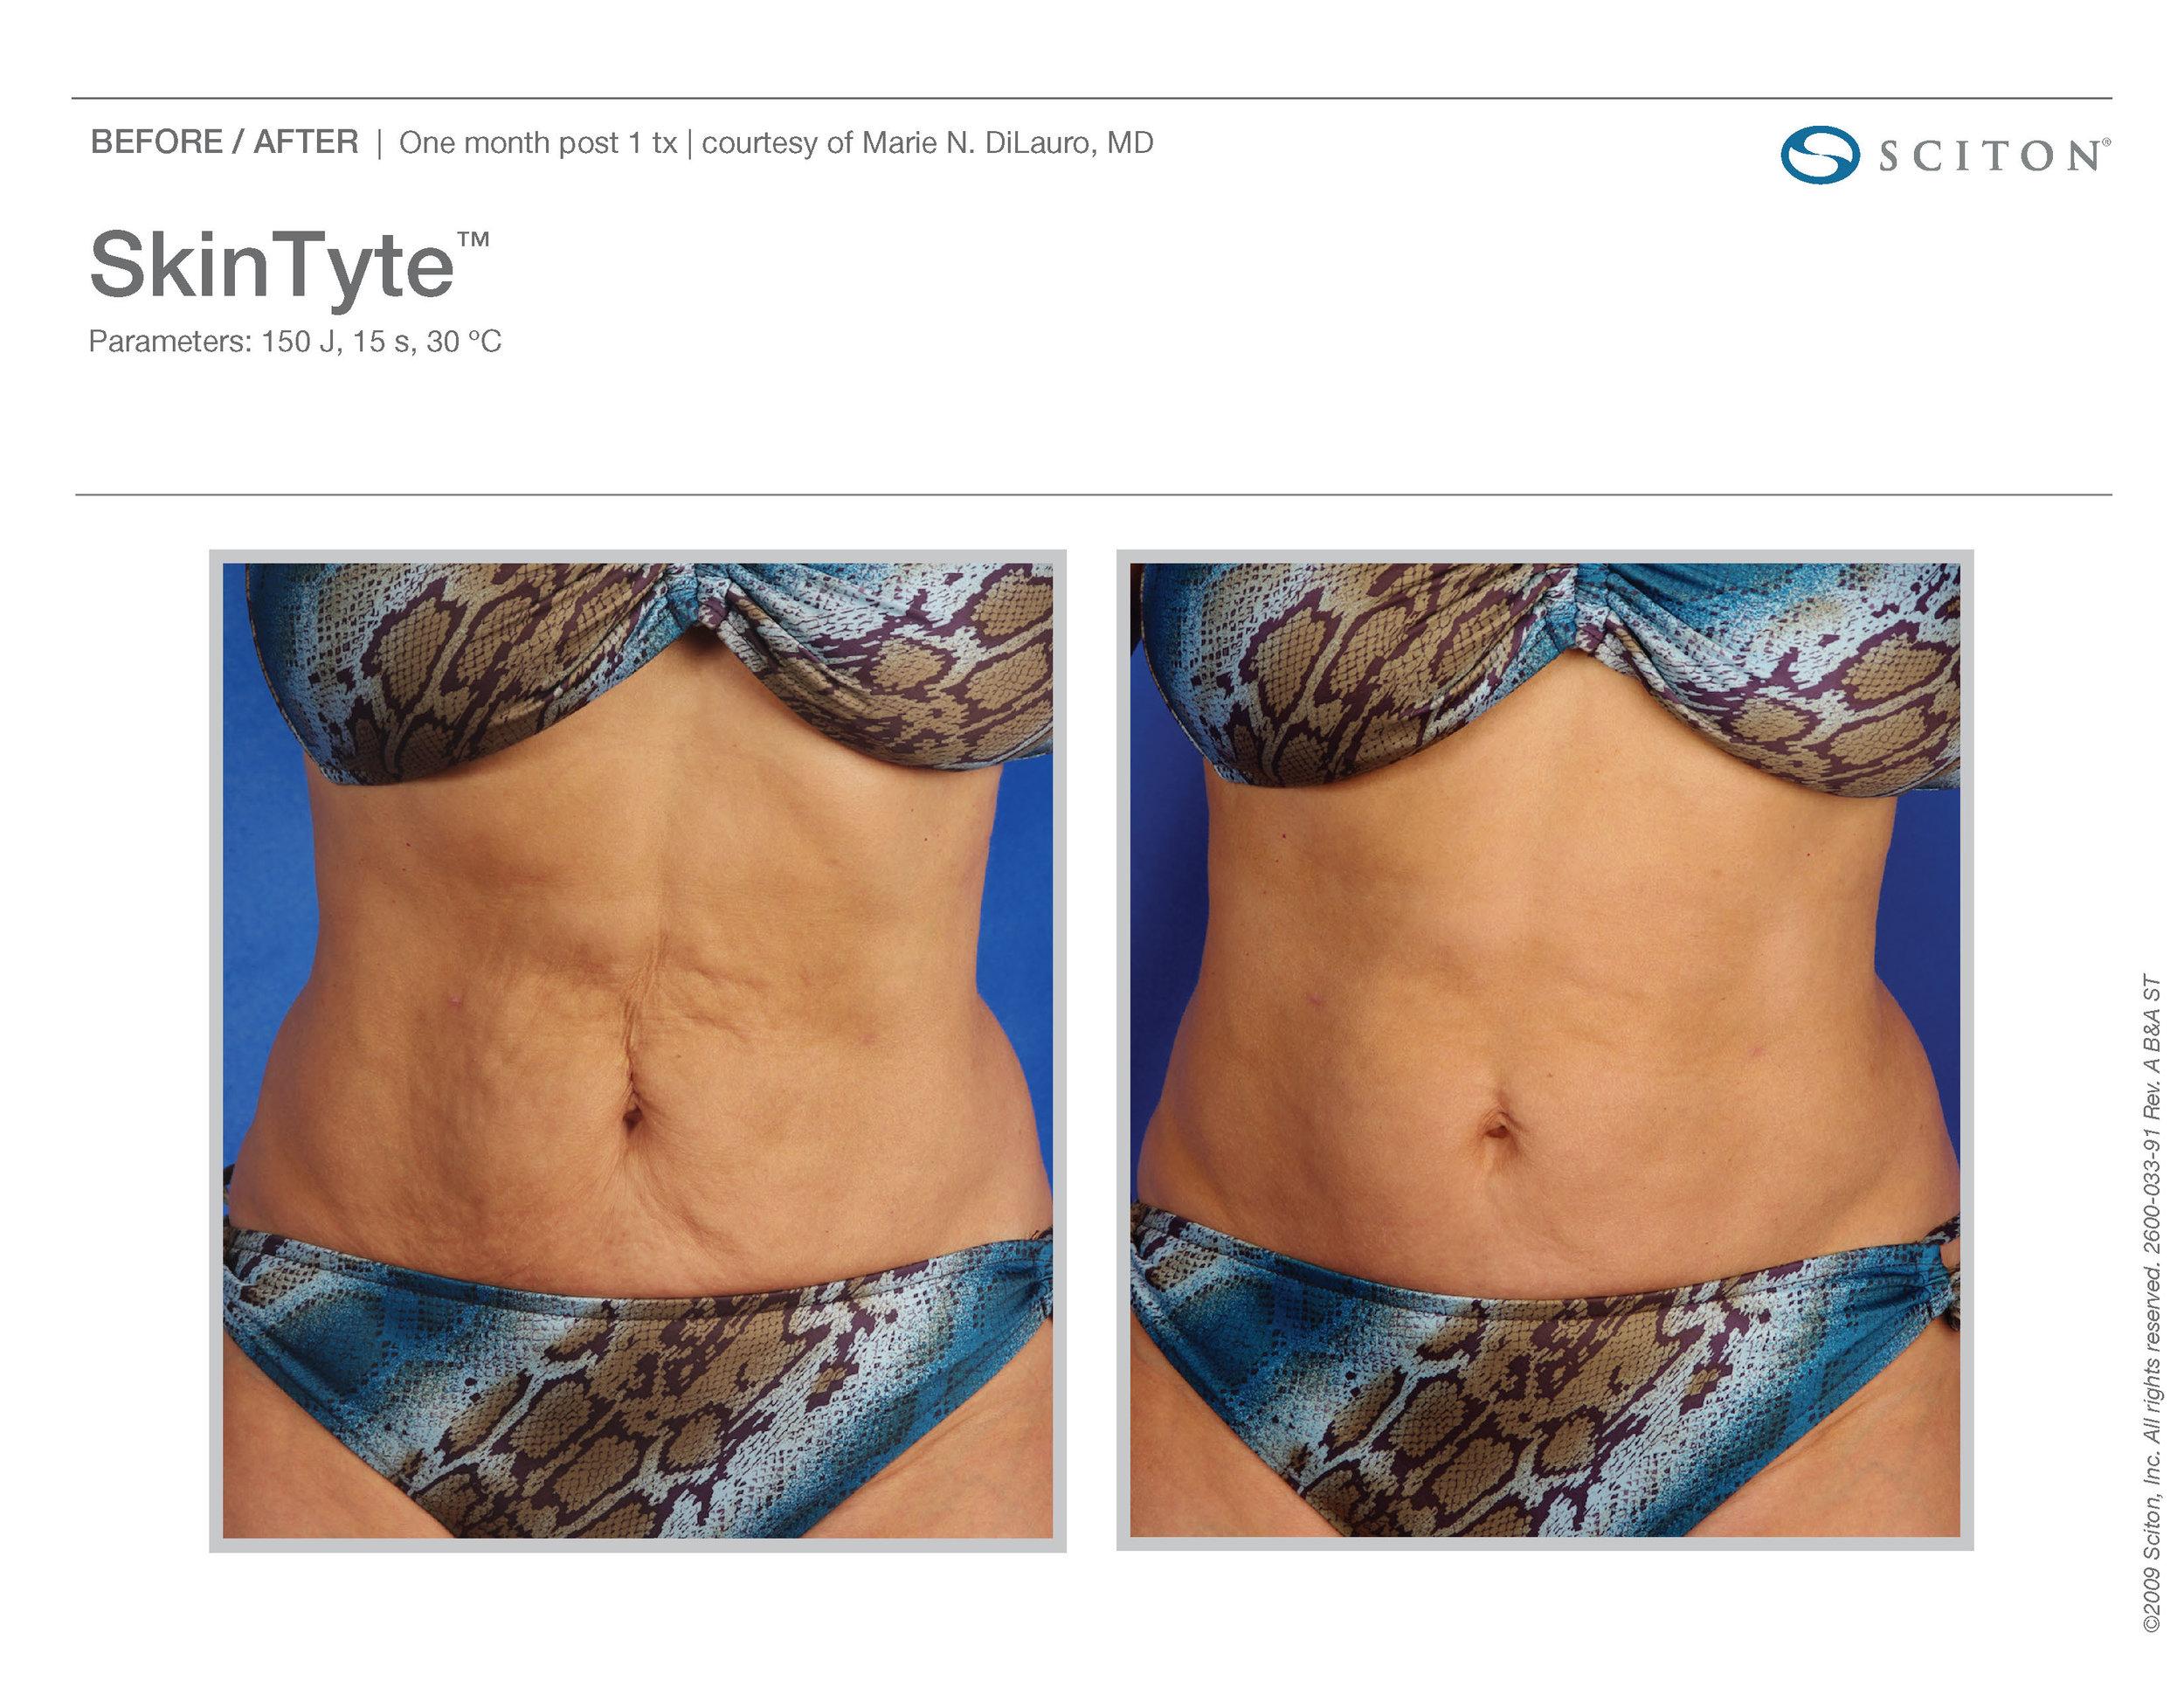 SkinTyte B&A Nov'17_Page_05.jpg